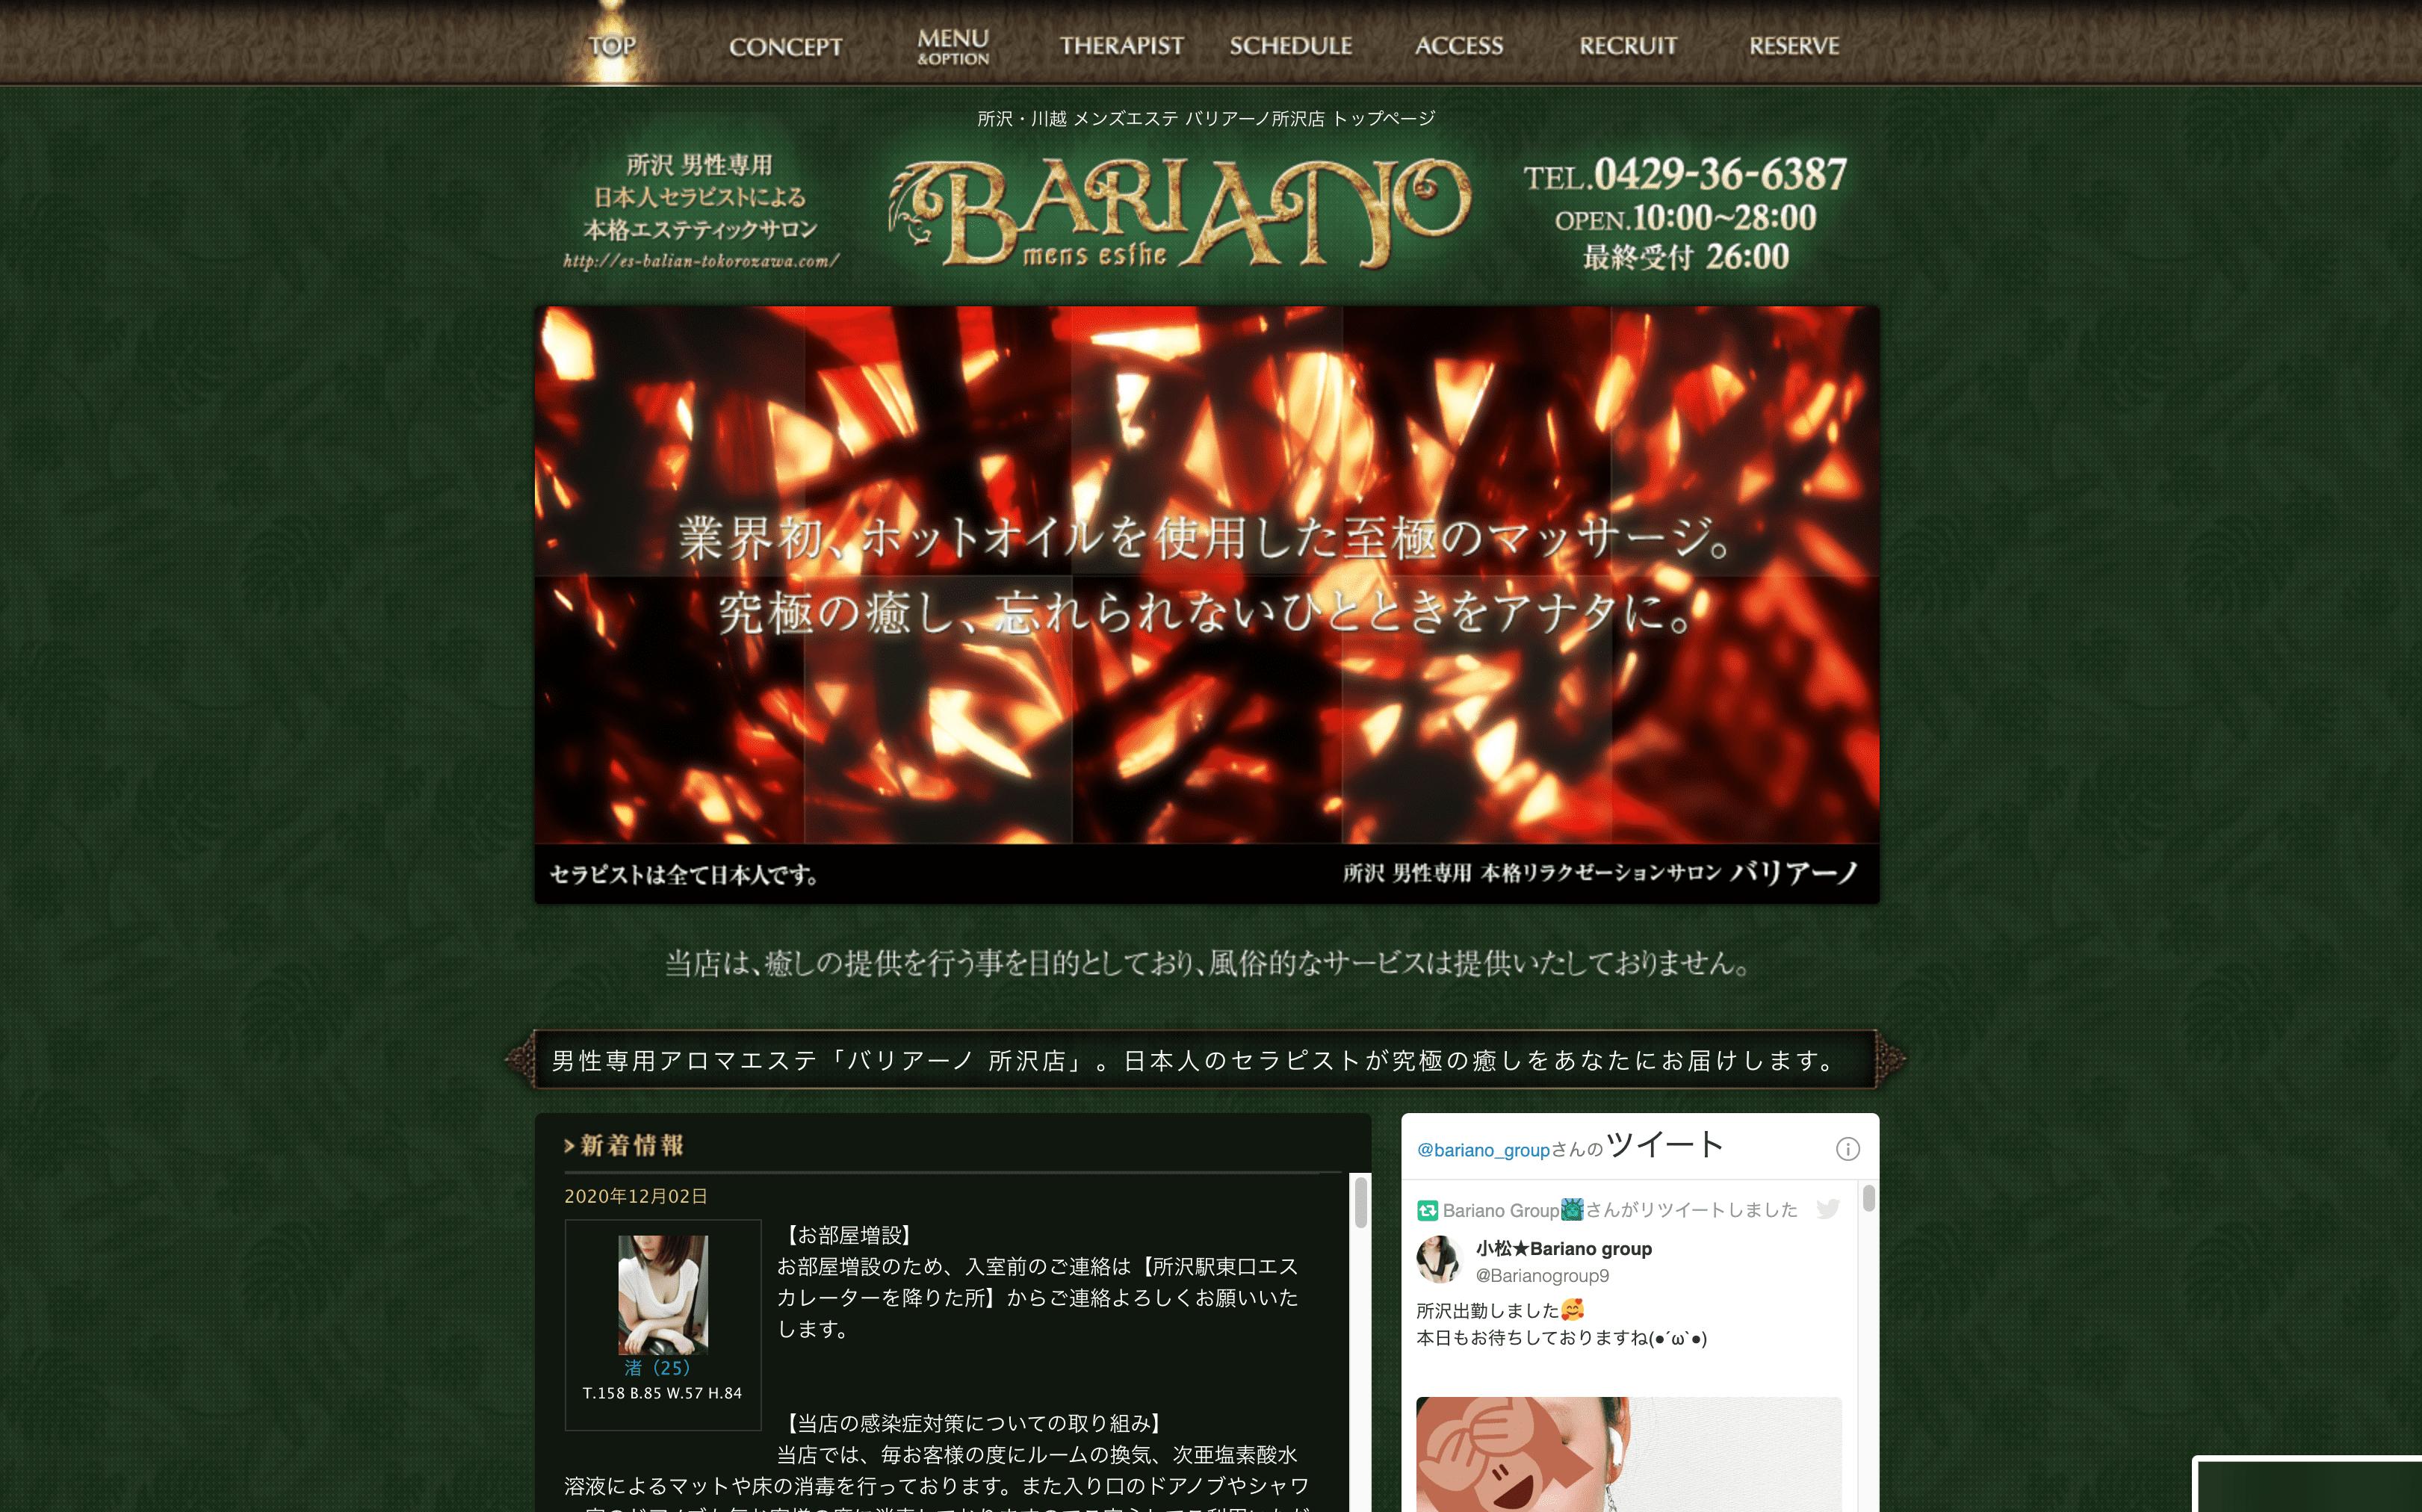 バリアーノ所沢店